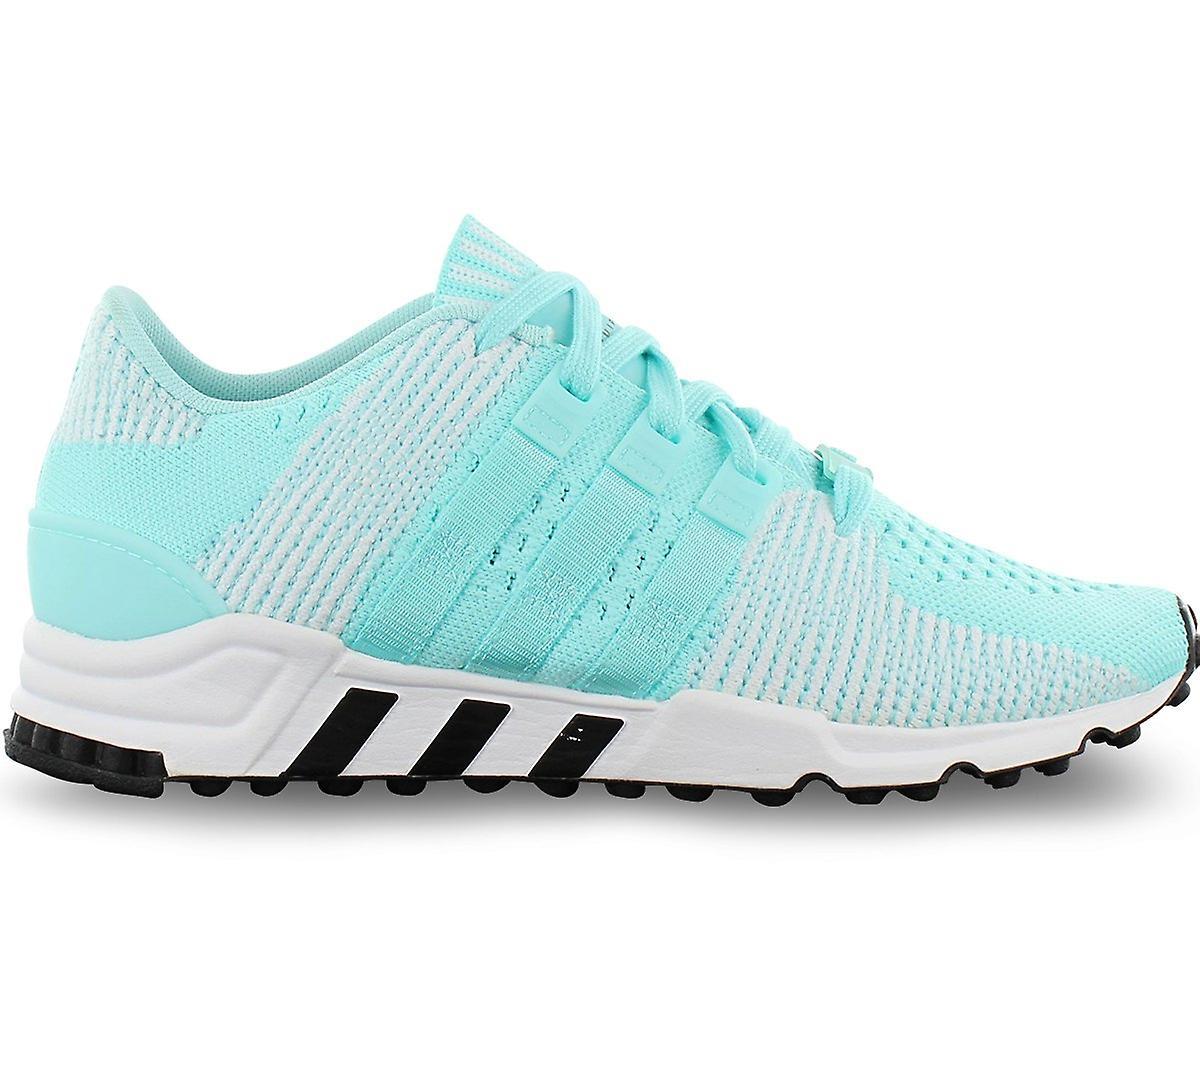 adidas EQT Support RF PK W BZ0009 Damen Schuhe Türkis Sneakers Sportschuhe OniFz